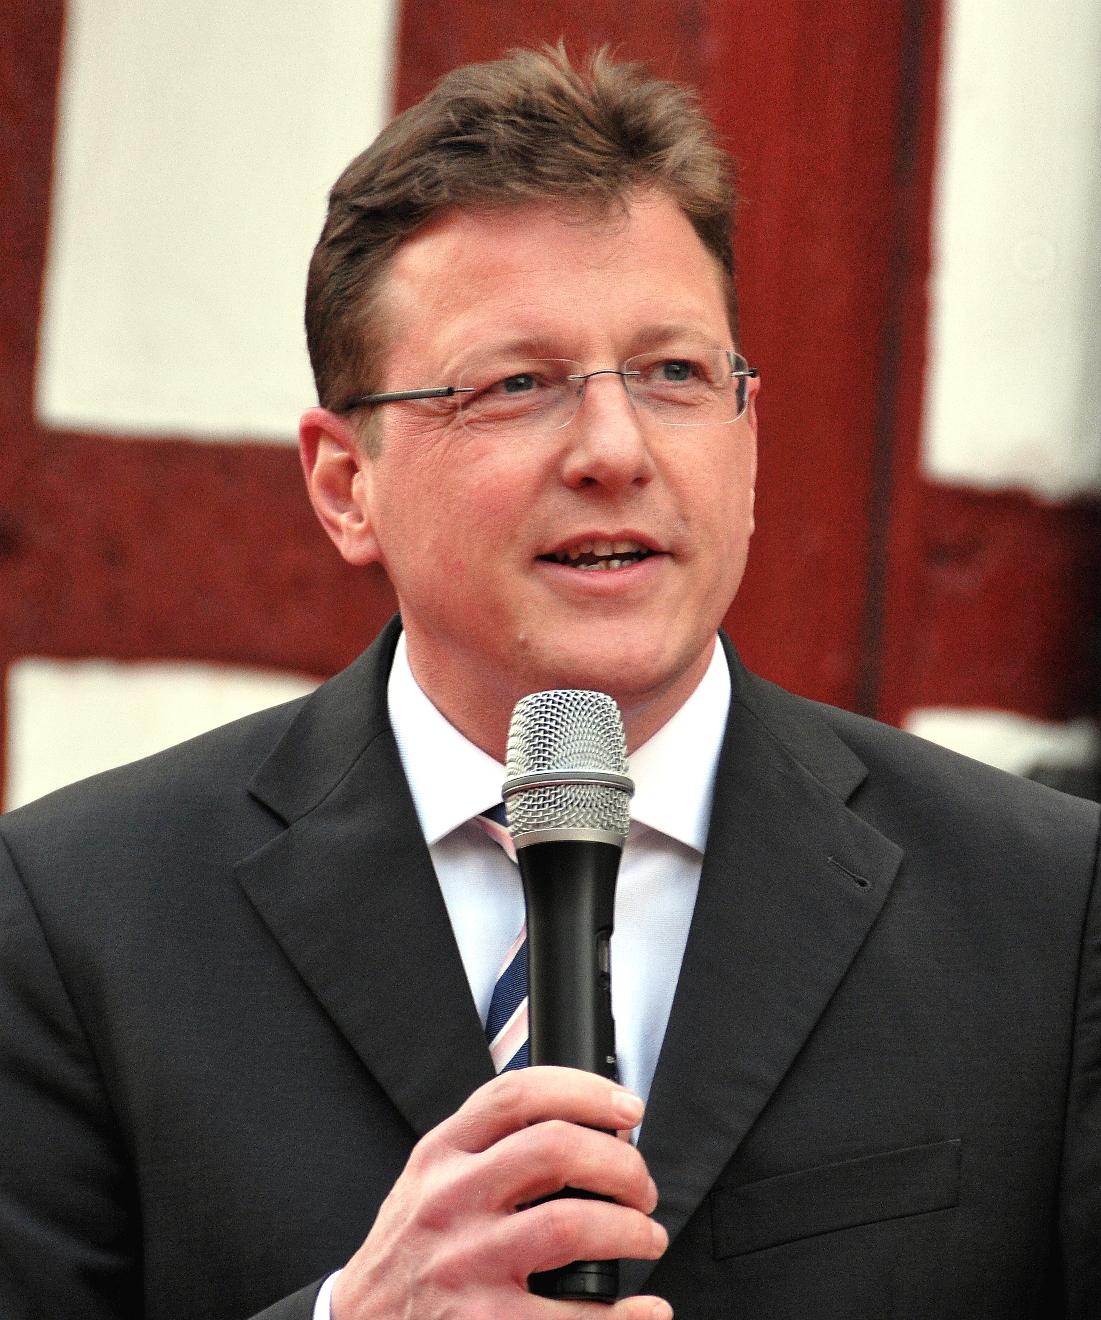 Bürgermeister Stefan Sauer